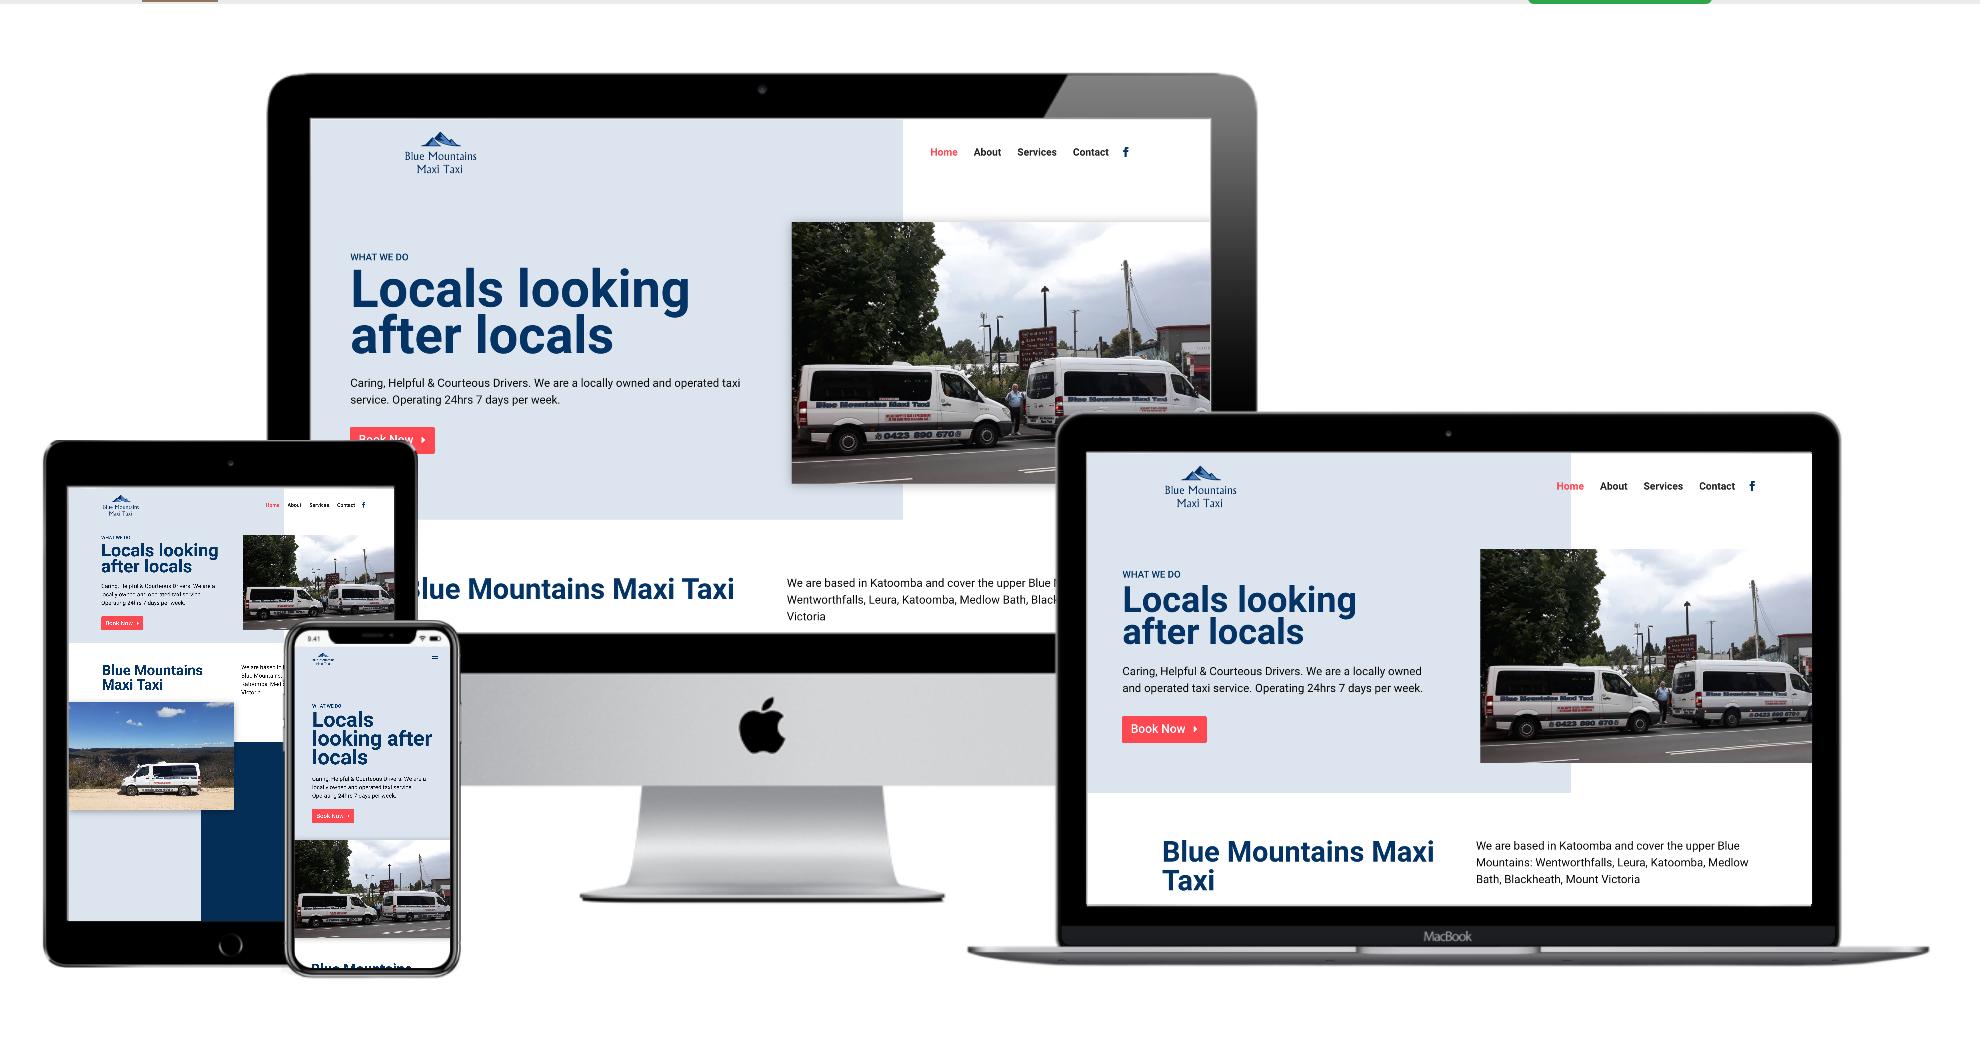 Blue Mountains Maxi Taxi